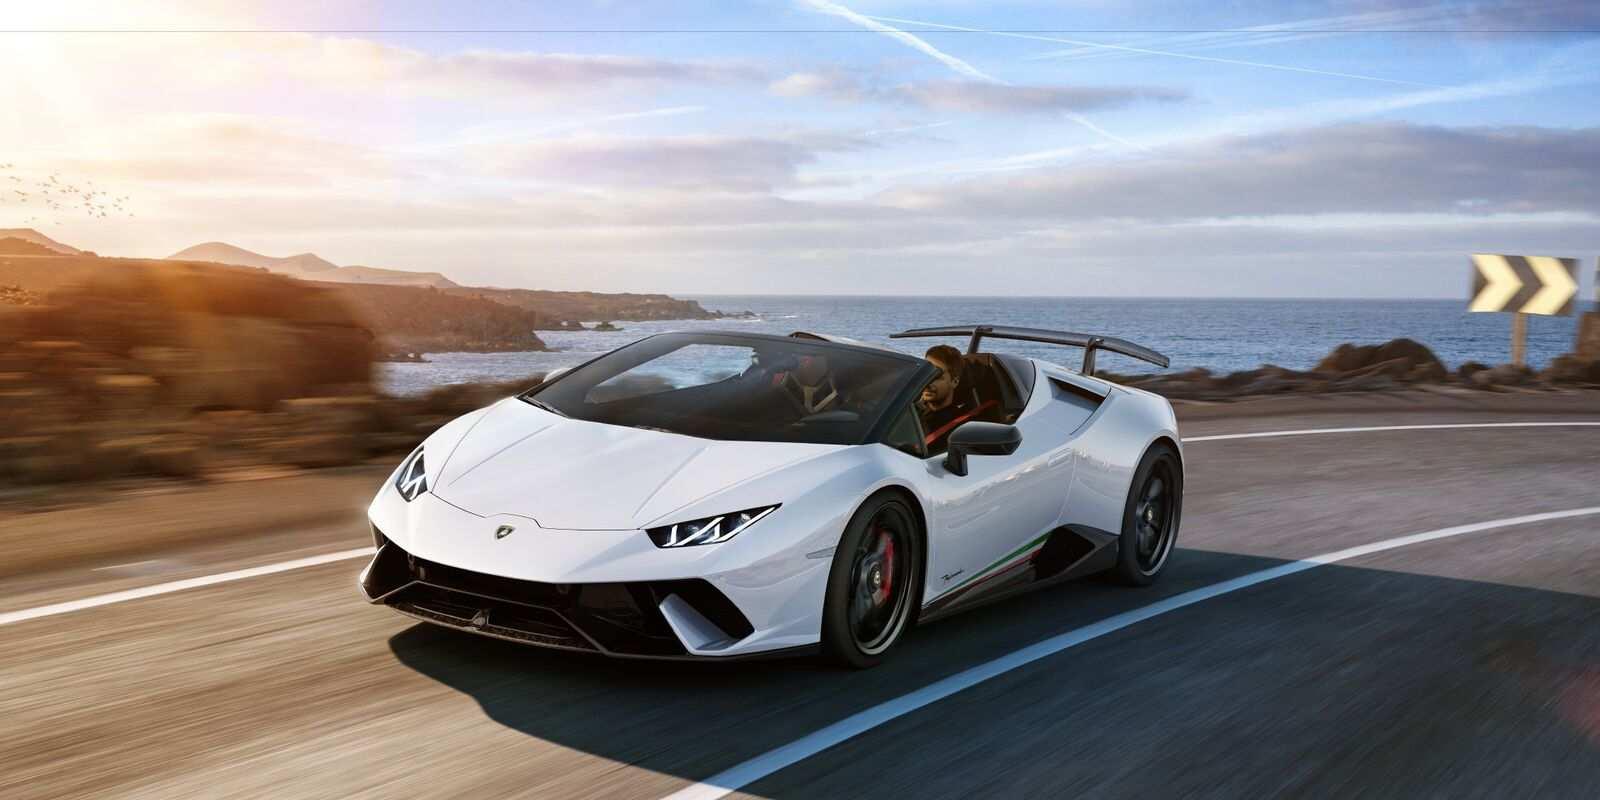 55 All New 2019 Lamborghini Huracan Horsepower Performance with 2019 Lamborghini Huracan Horsepower